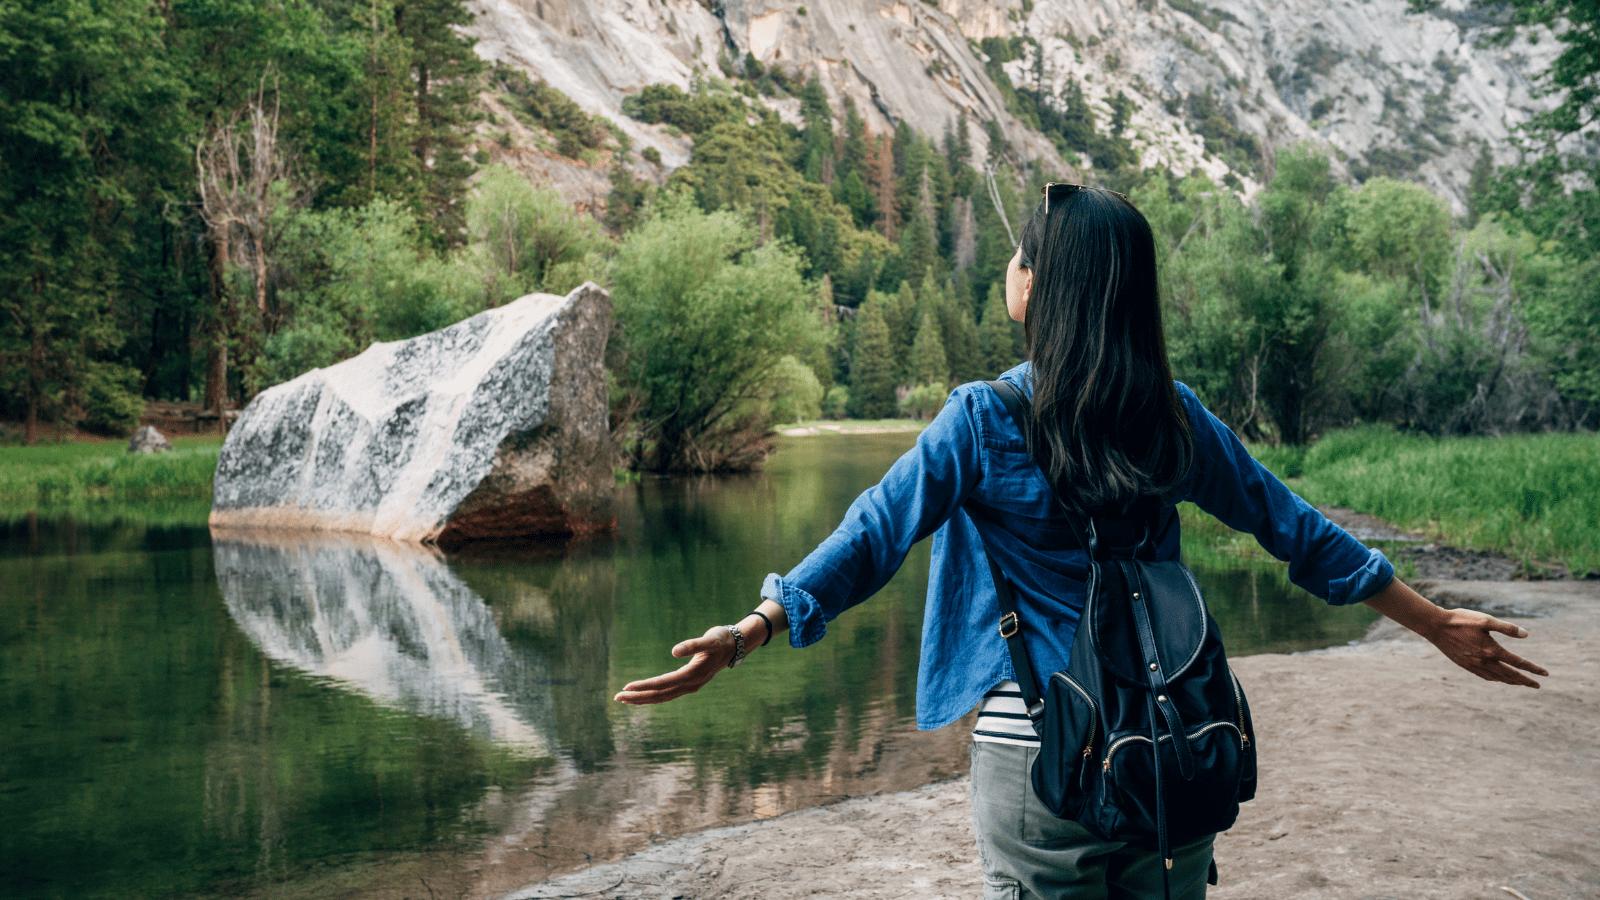 A Lei da Atração. Conquistar objetivos. Mulher de braços abertos a observar a natureza, Pensamento, Acreditar